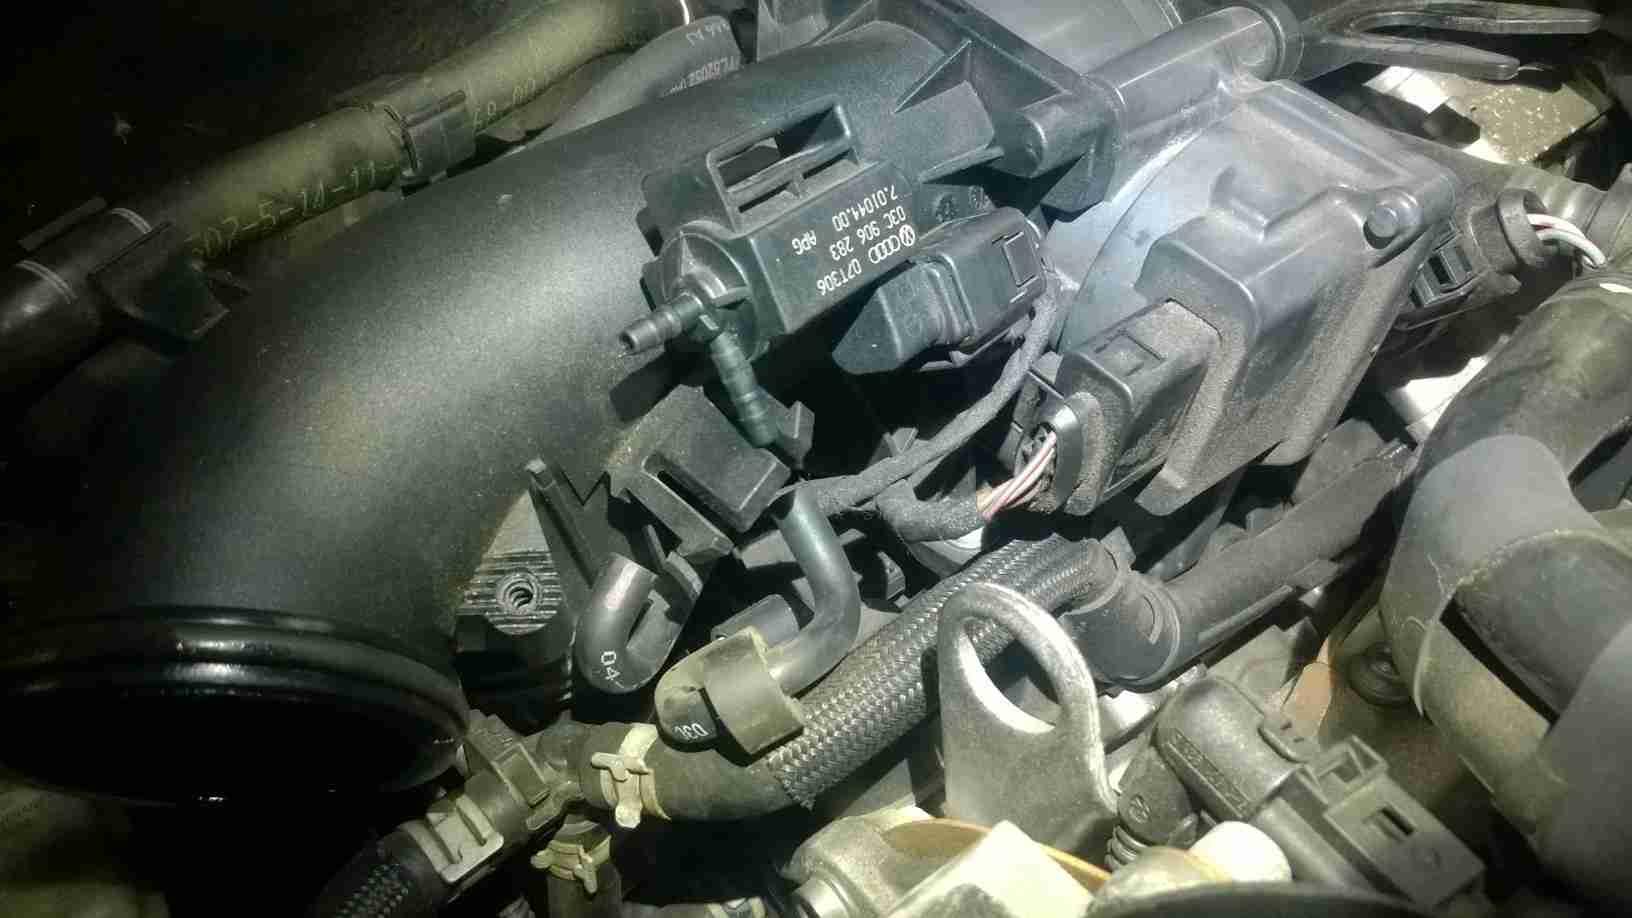 P2015 – Intake manifold air control actuator position sensor